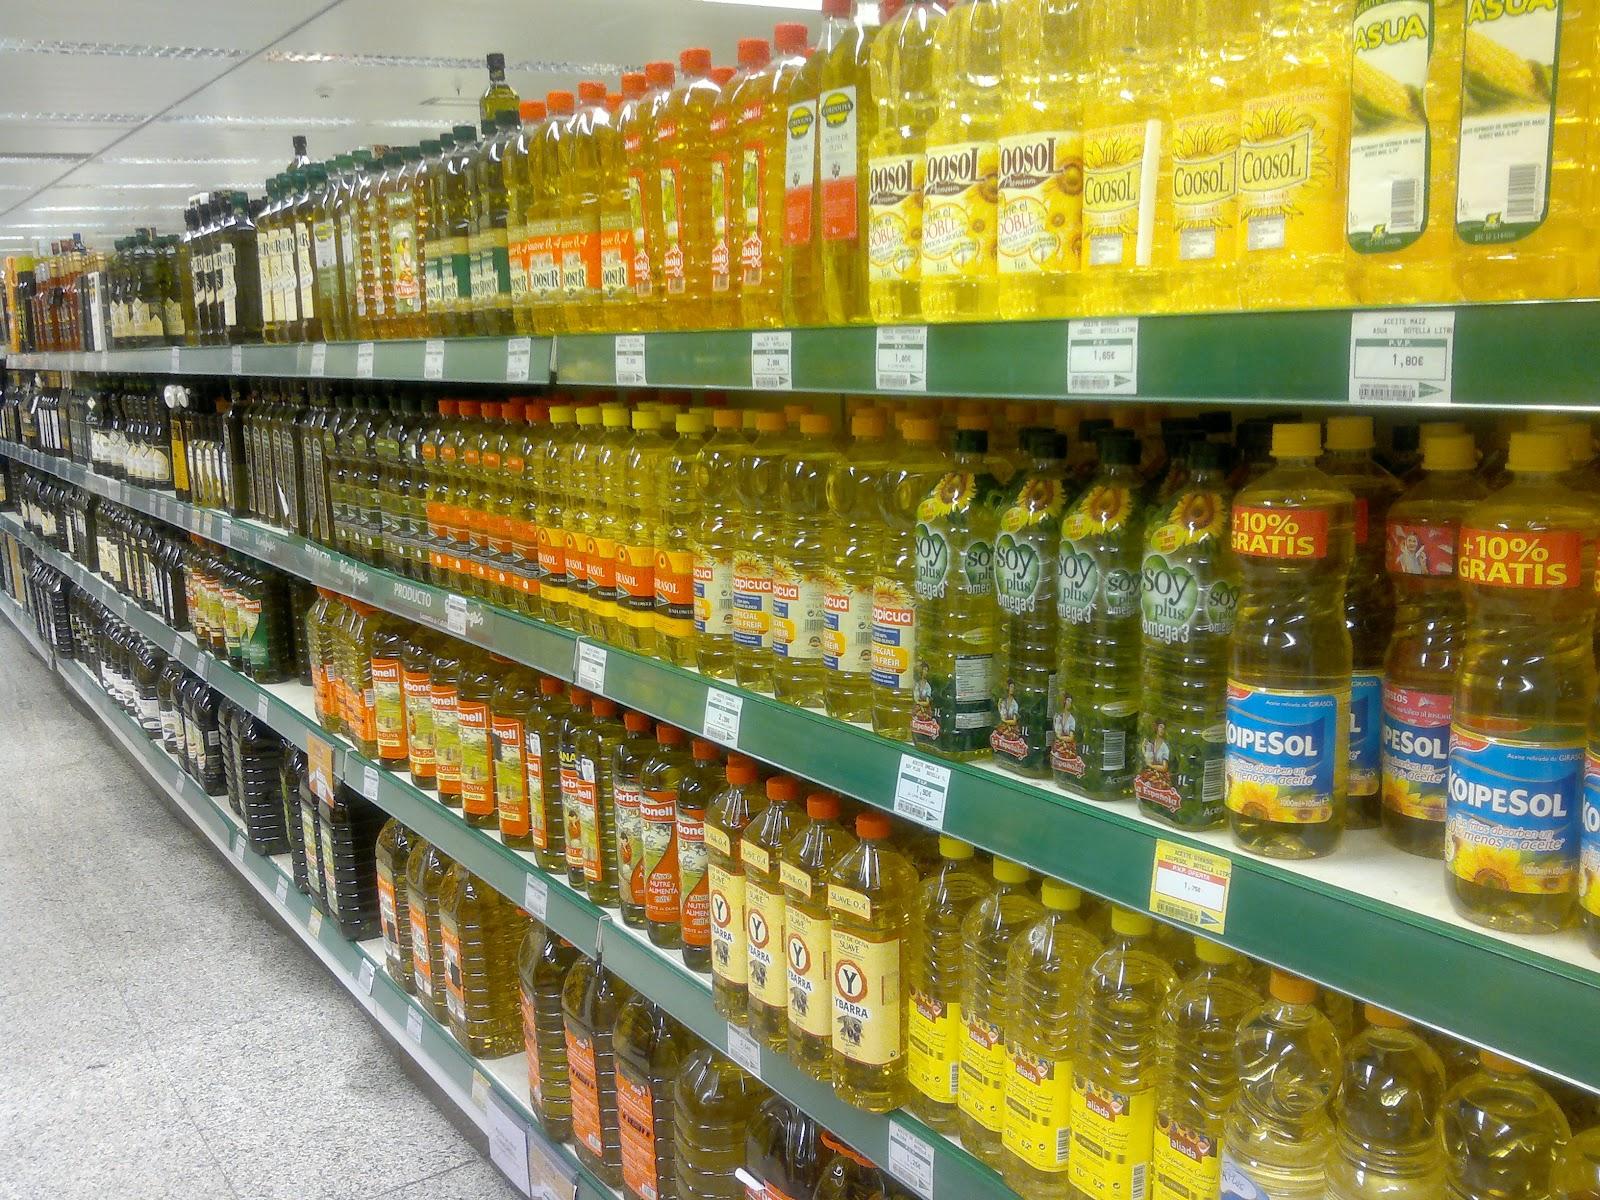 aceite de soya